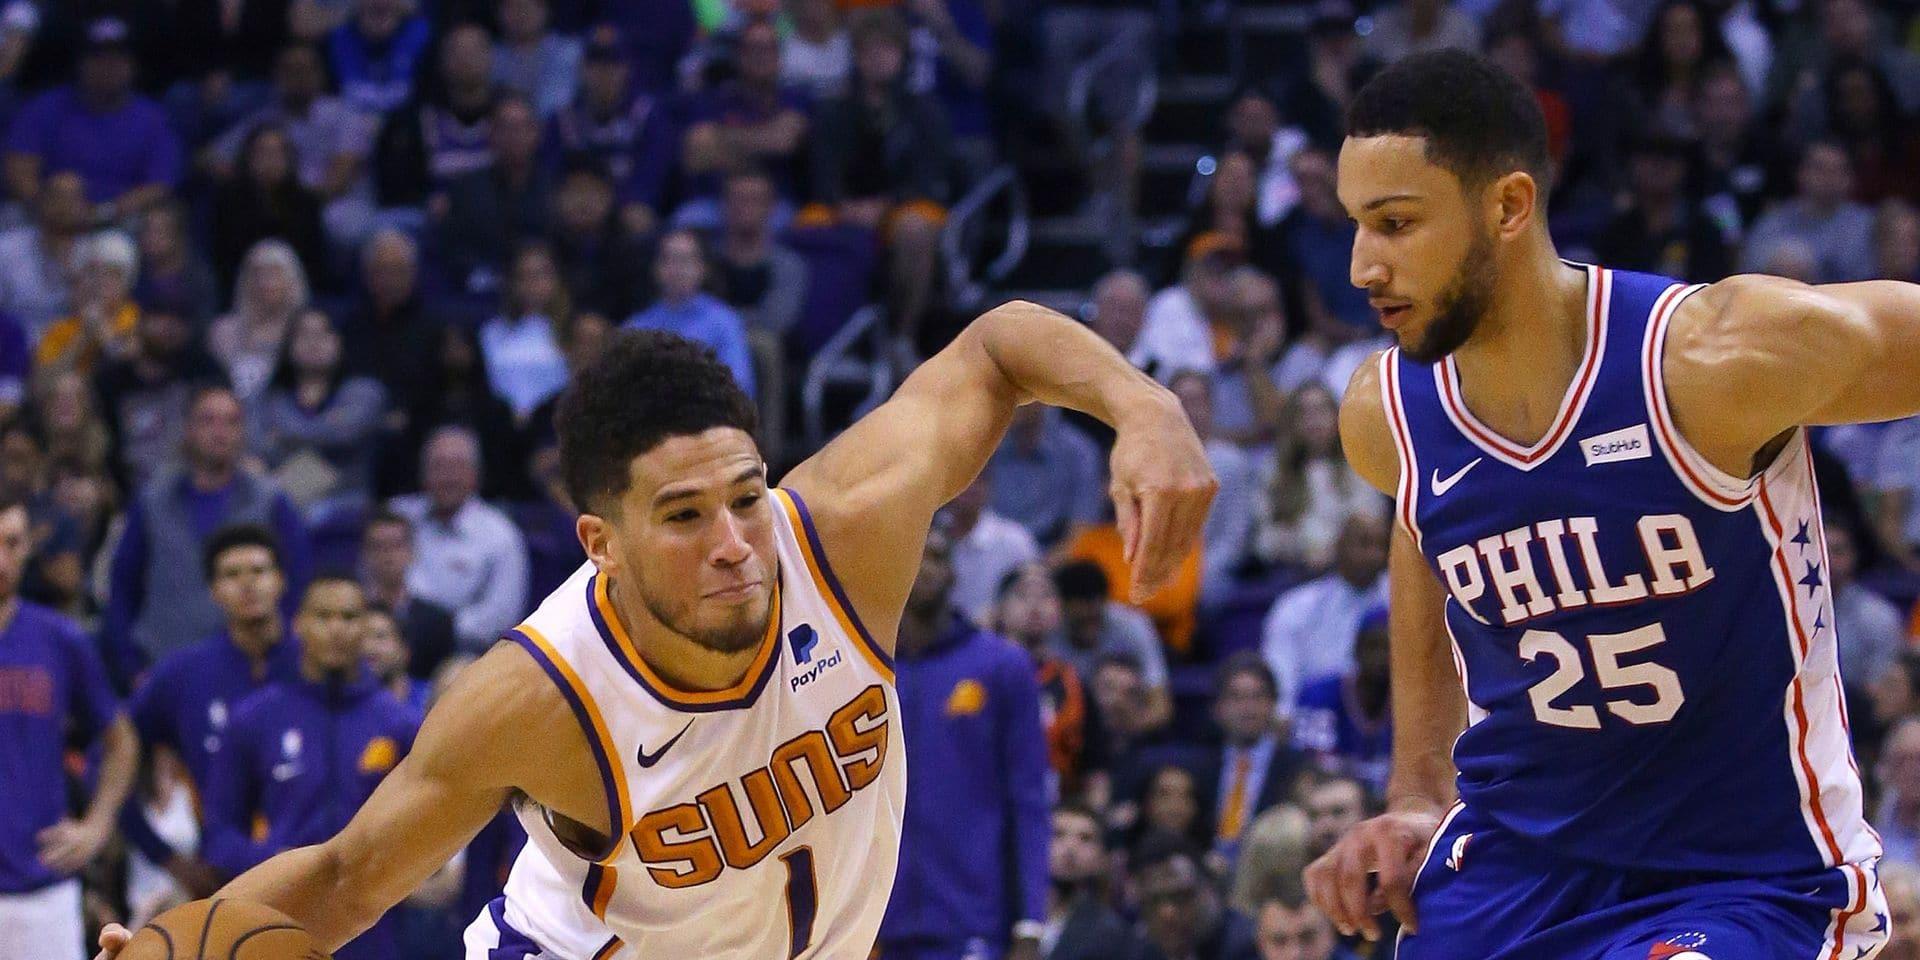 NBA: Première défaite de Philadelphie, Golden State gagne pour la 1re fois au Chase Center